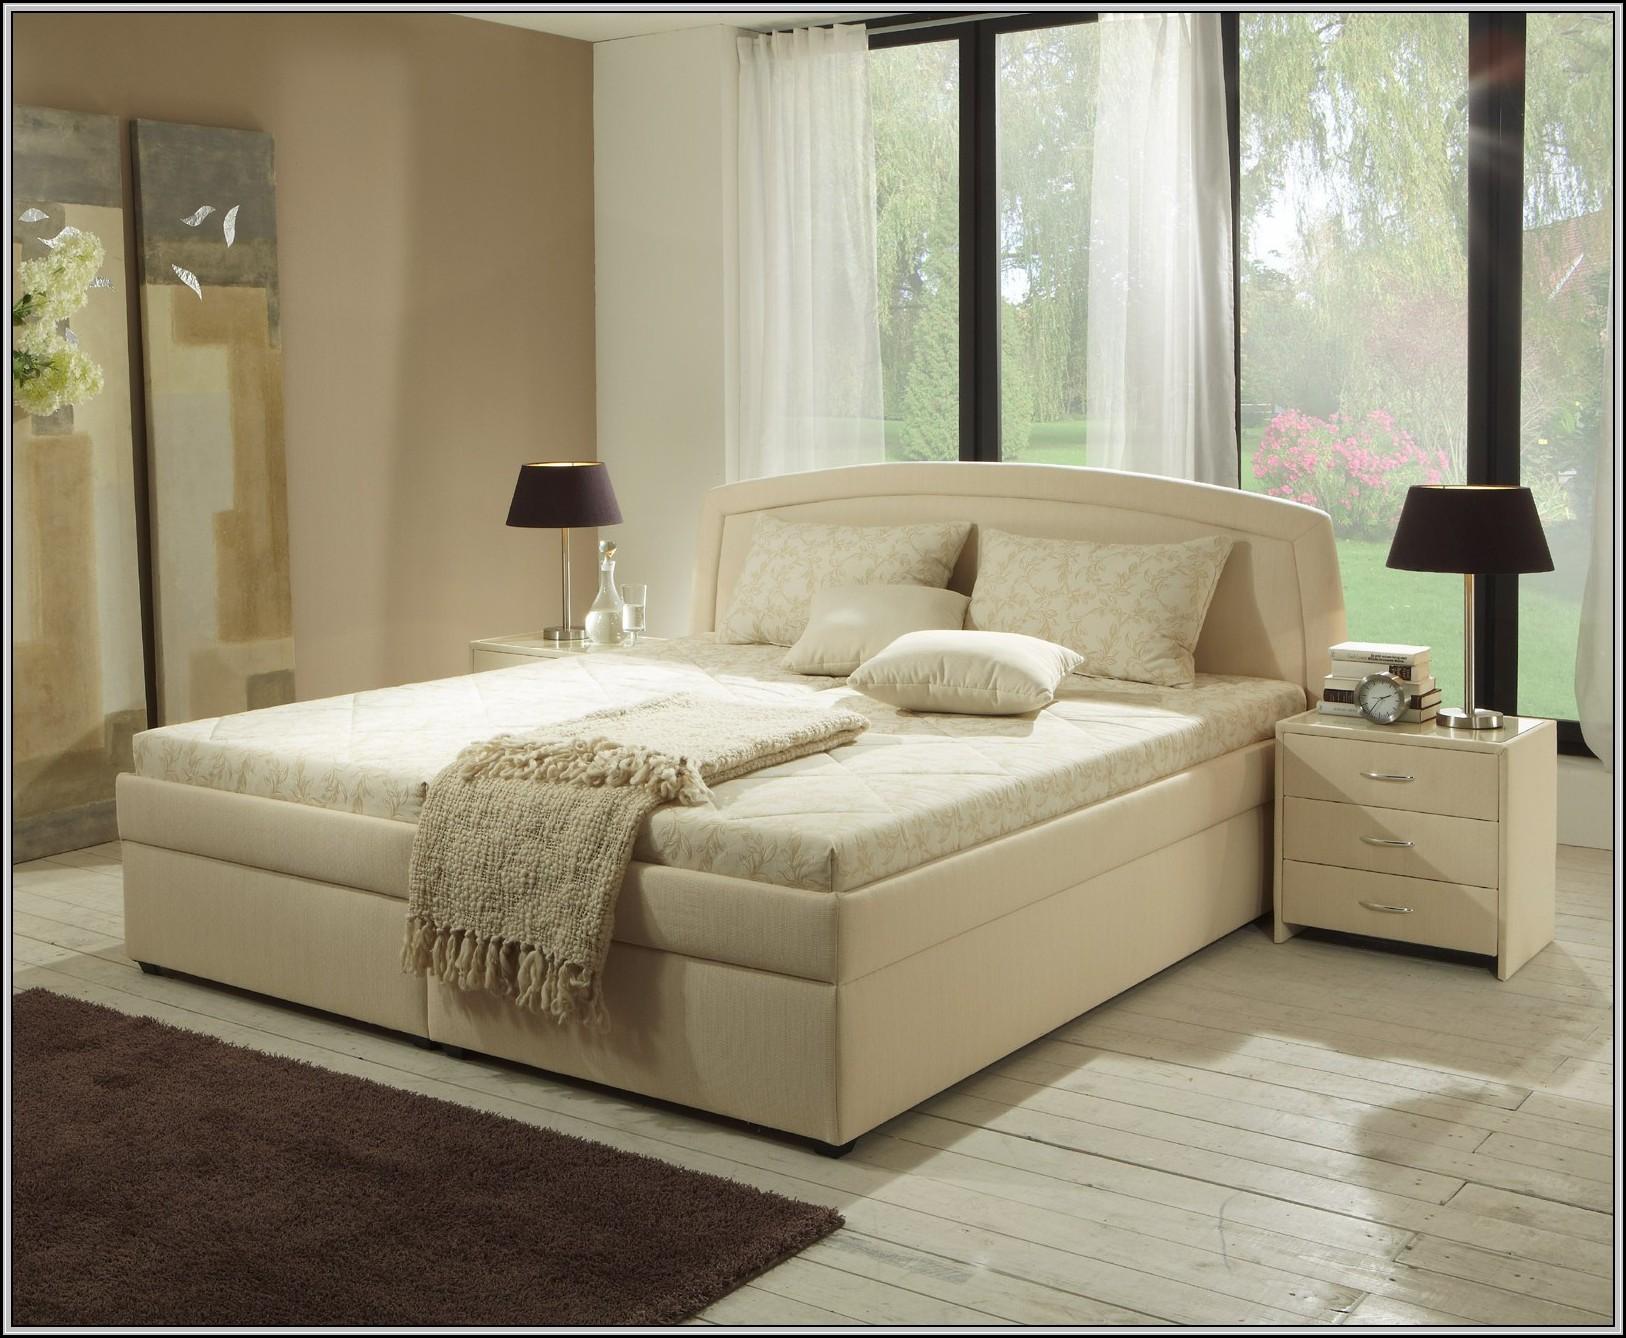 betten ebay kleinanzeigen berlin betten house und dekor galerie 0a1nra51qg. Black Bedroom Furniture Sets. Home Design Ideas